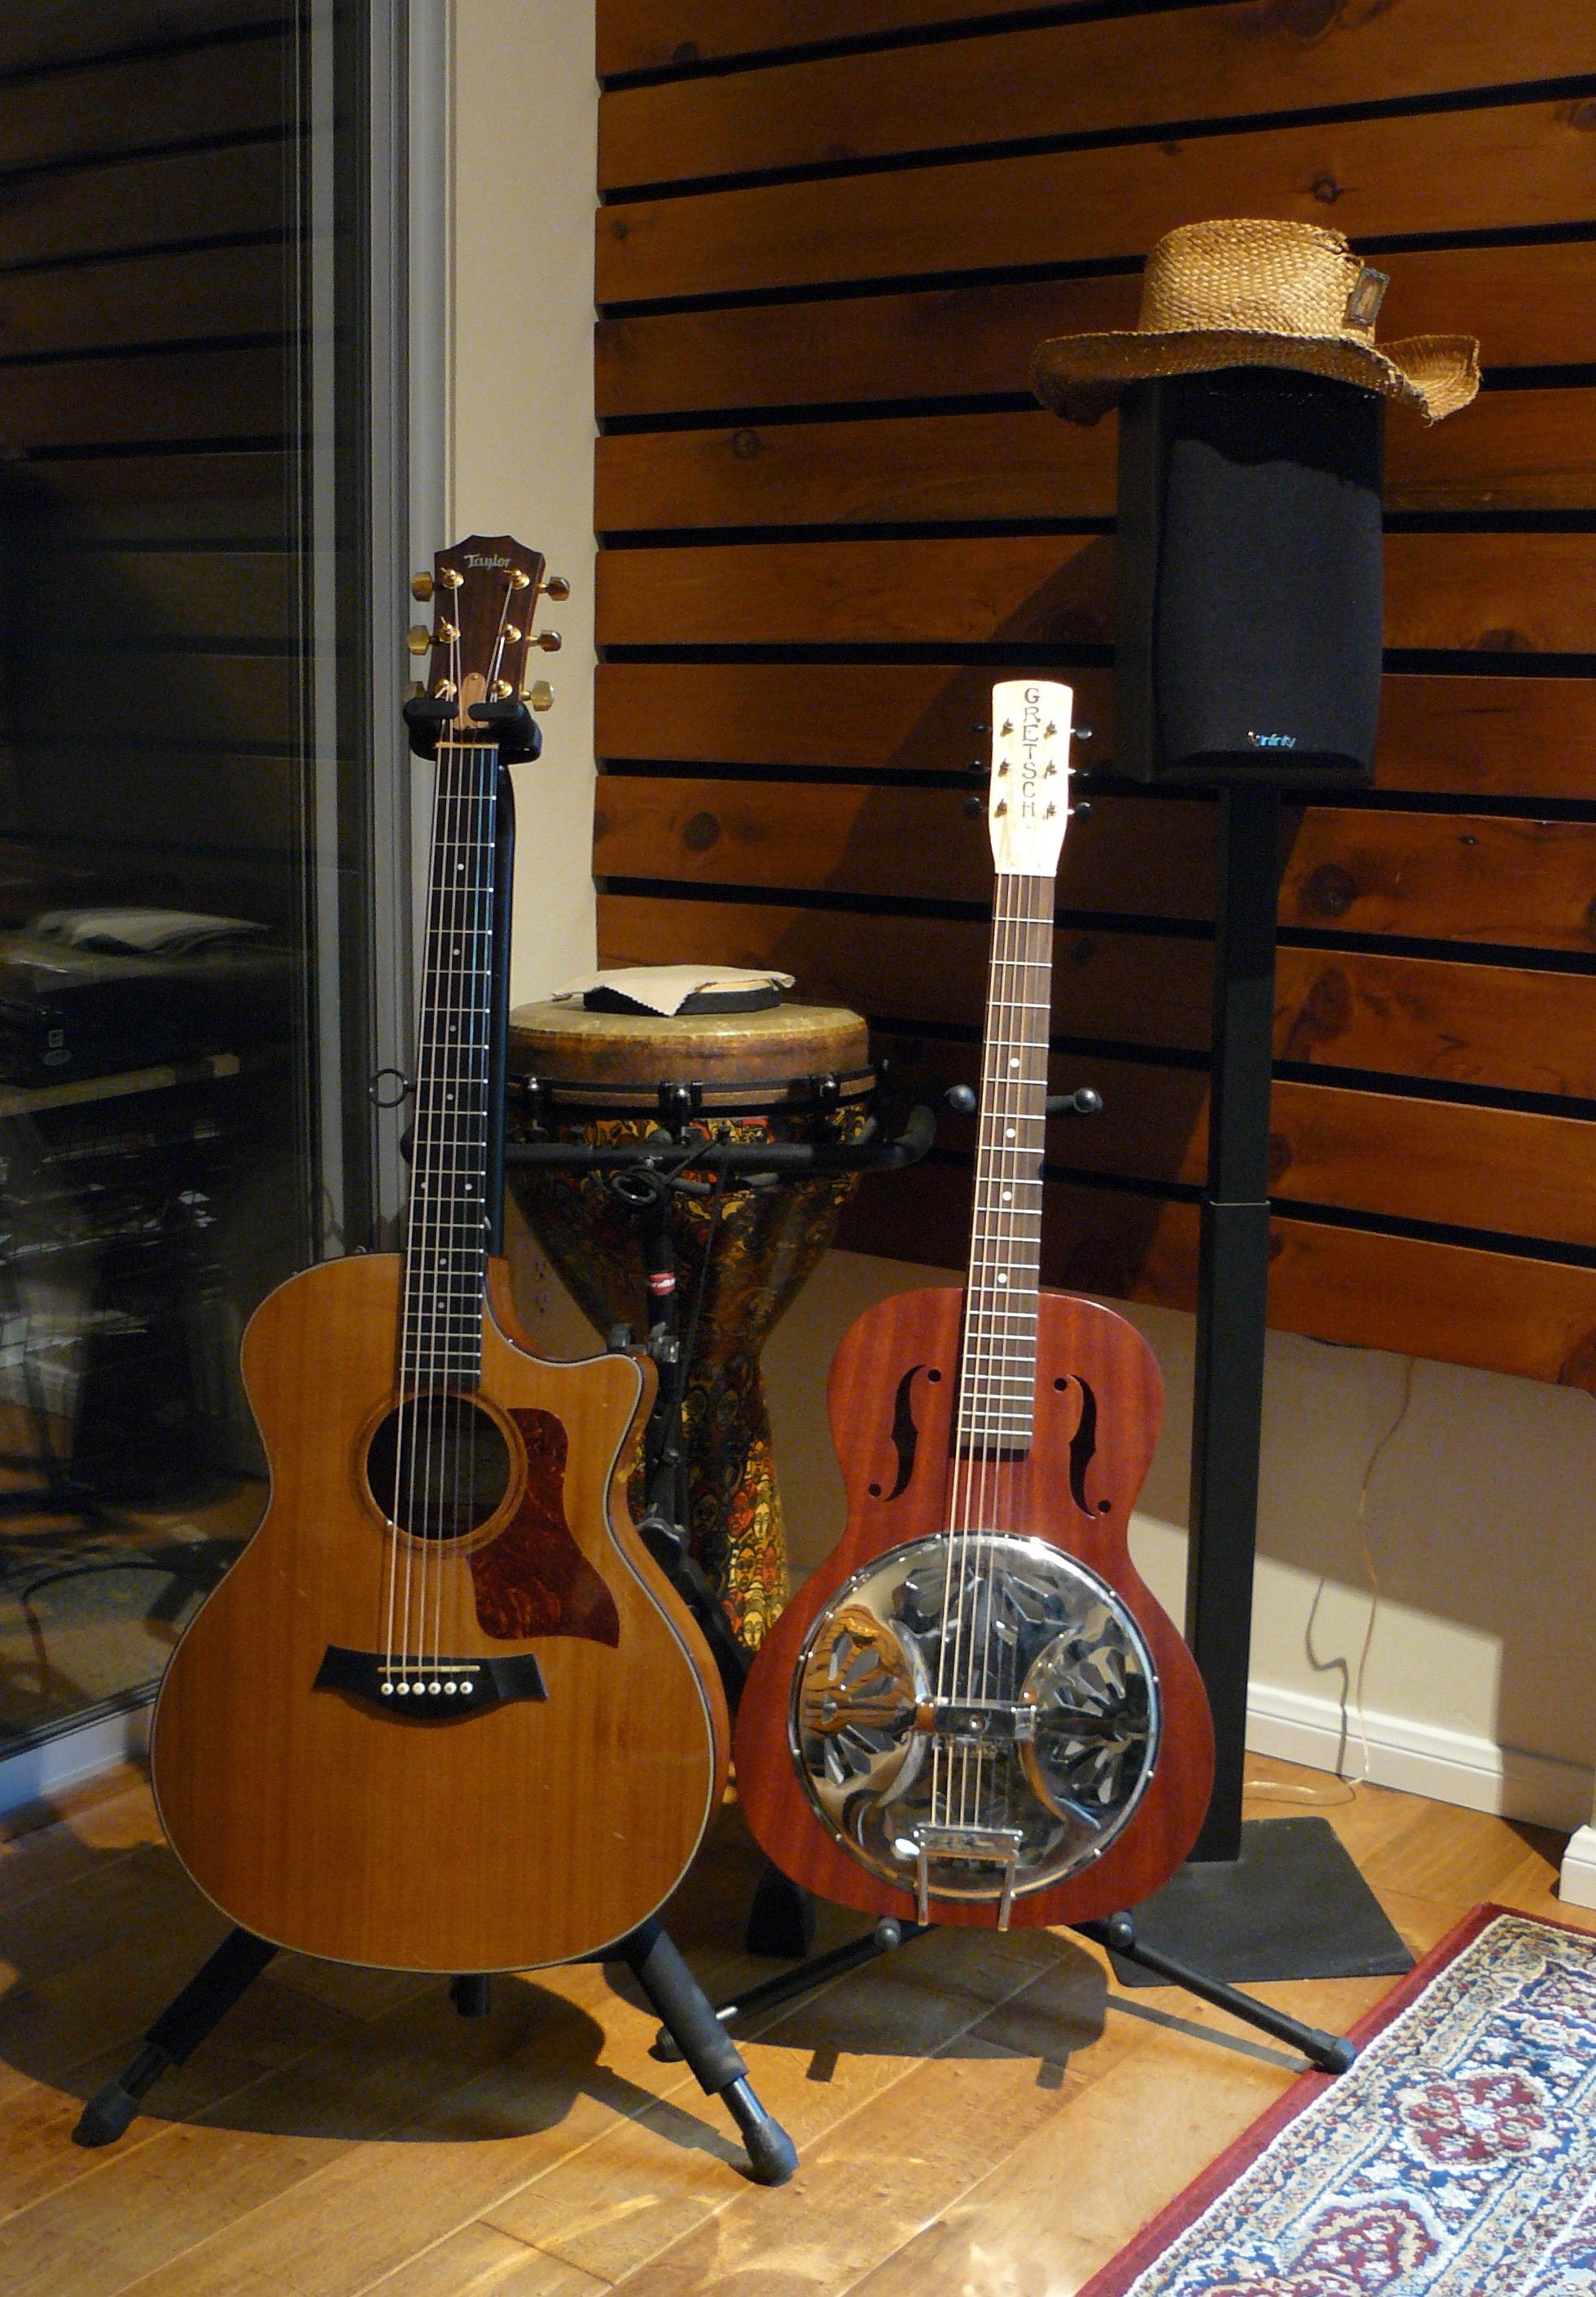 We Love Guitars at Rancho Bohemia;5.1 surround monitoring, too!